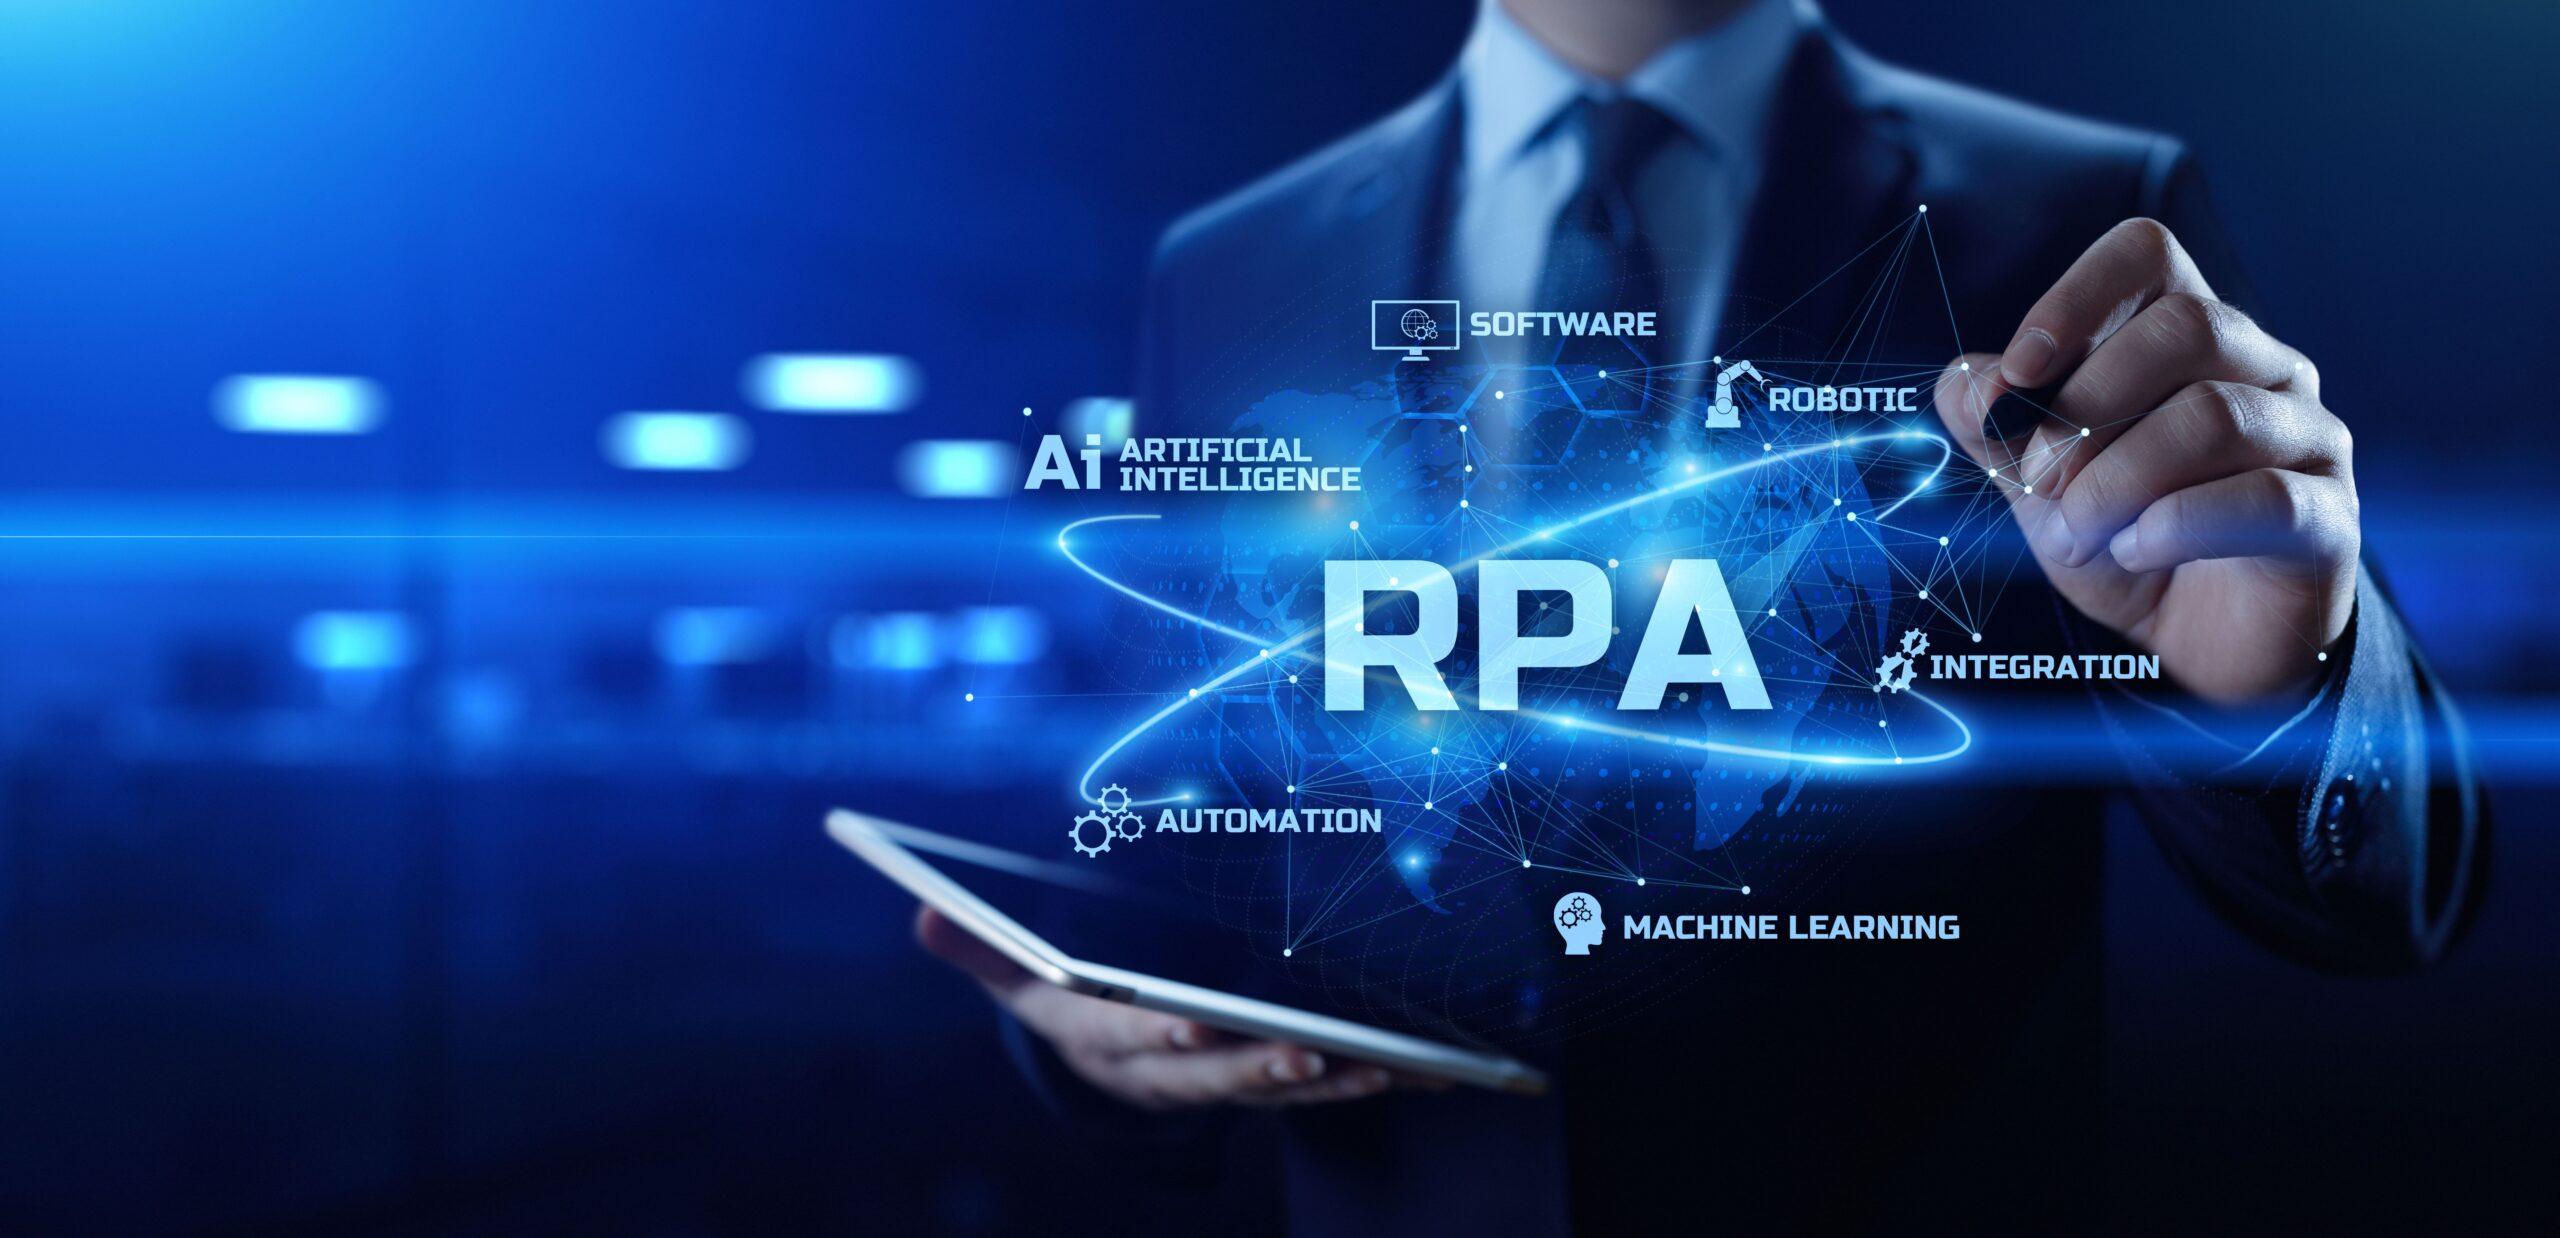 RPA業界をリードするUiPathプラットフォーム